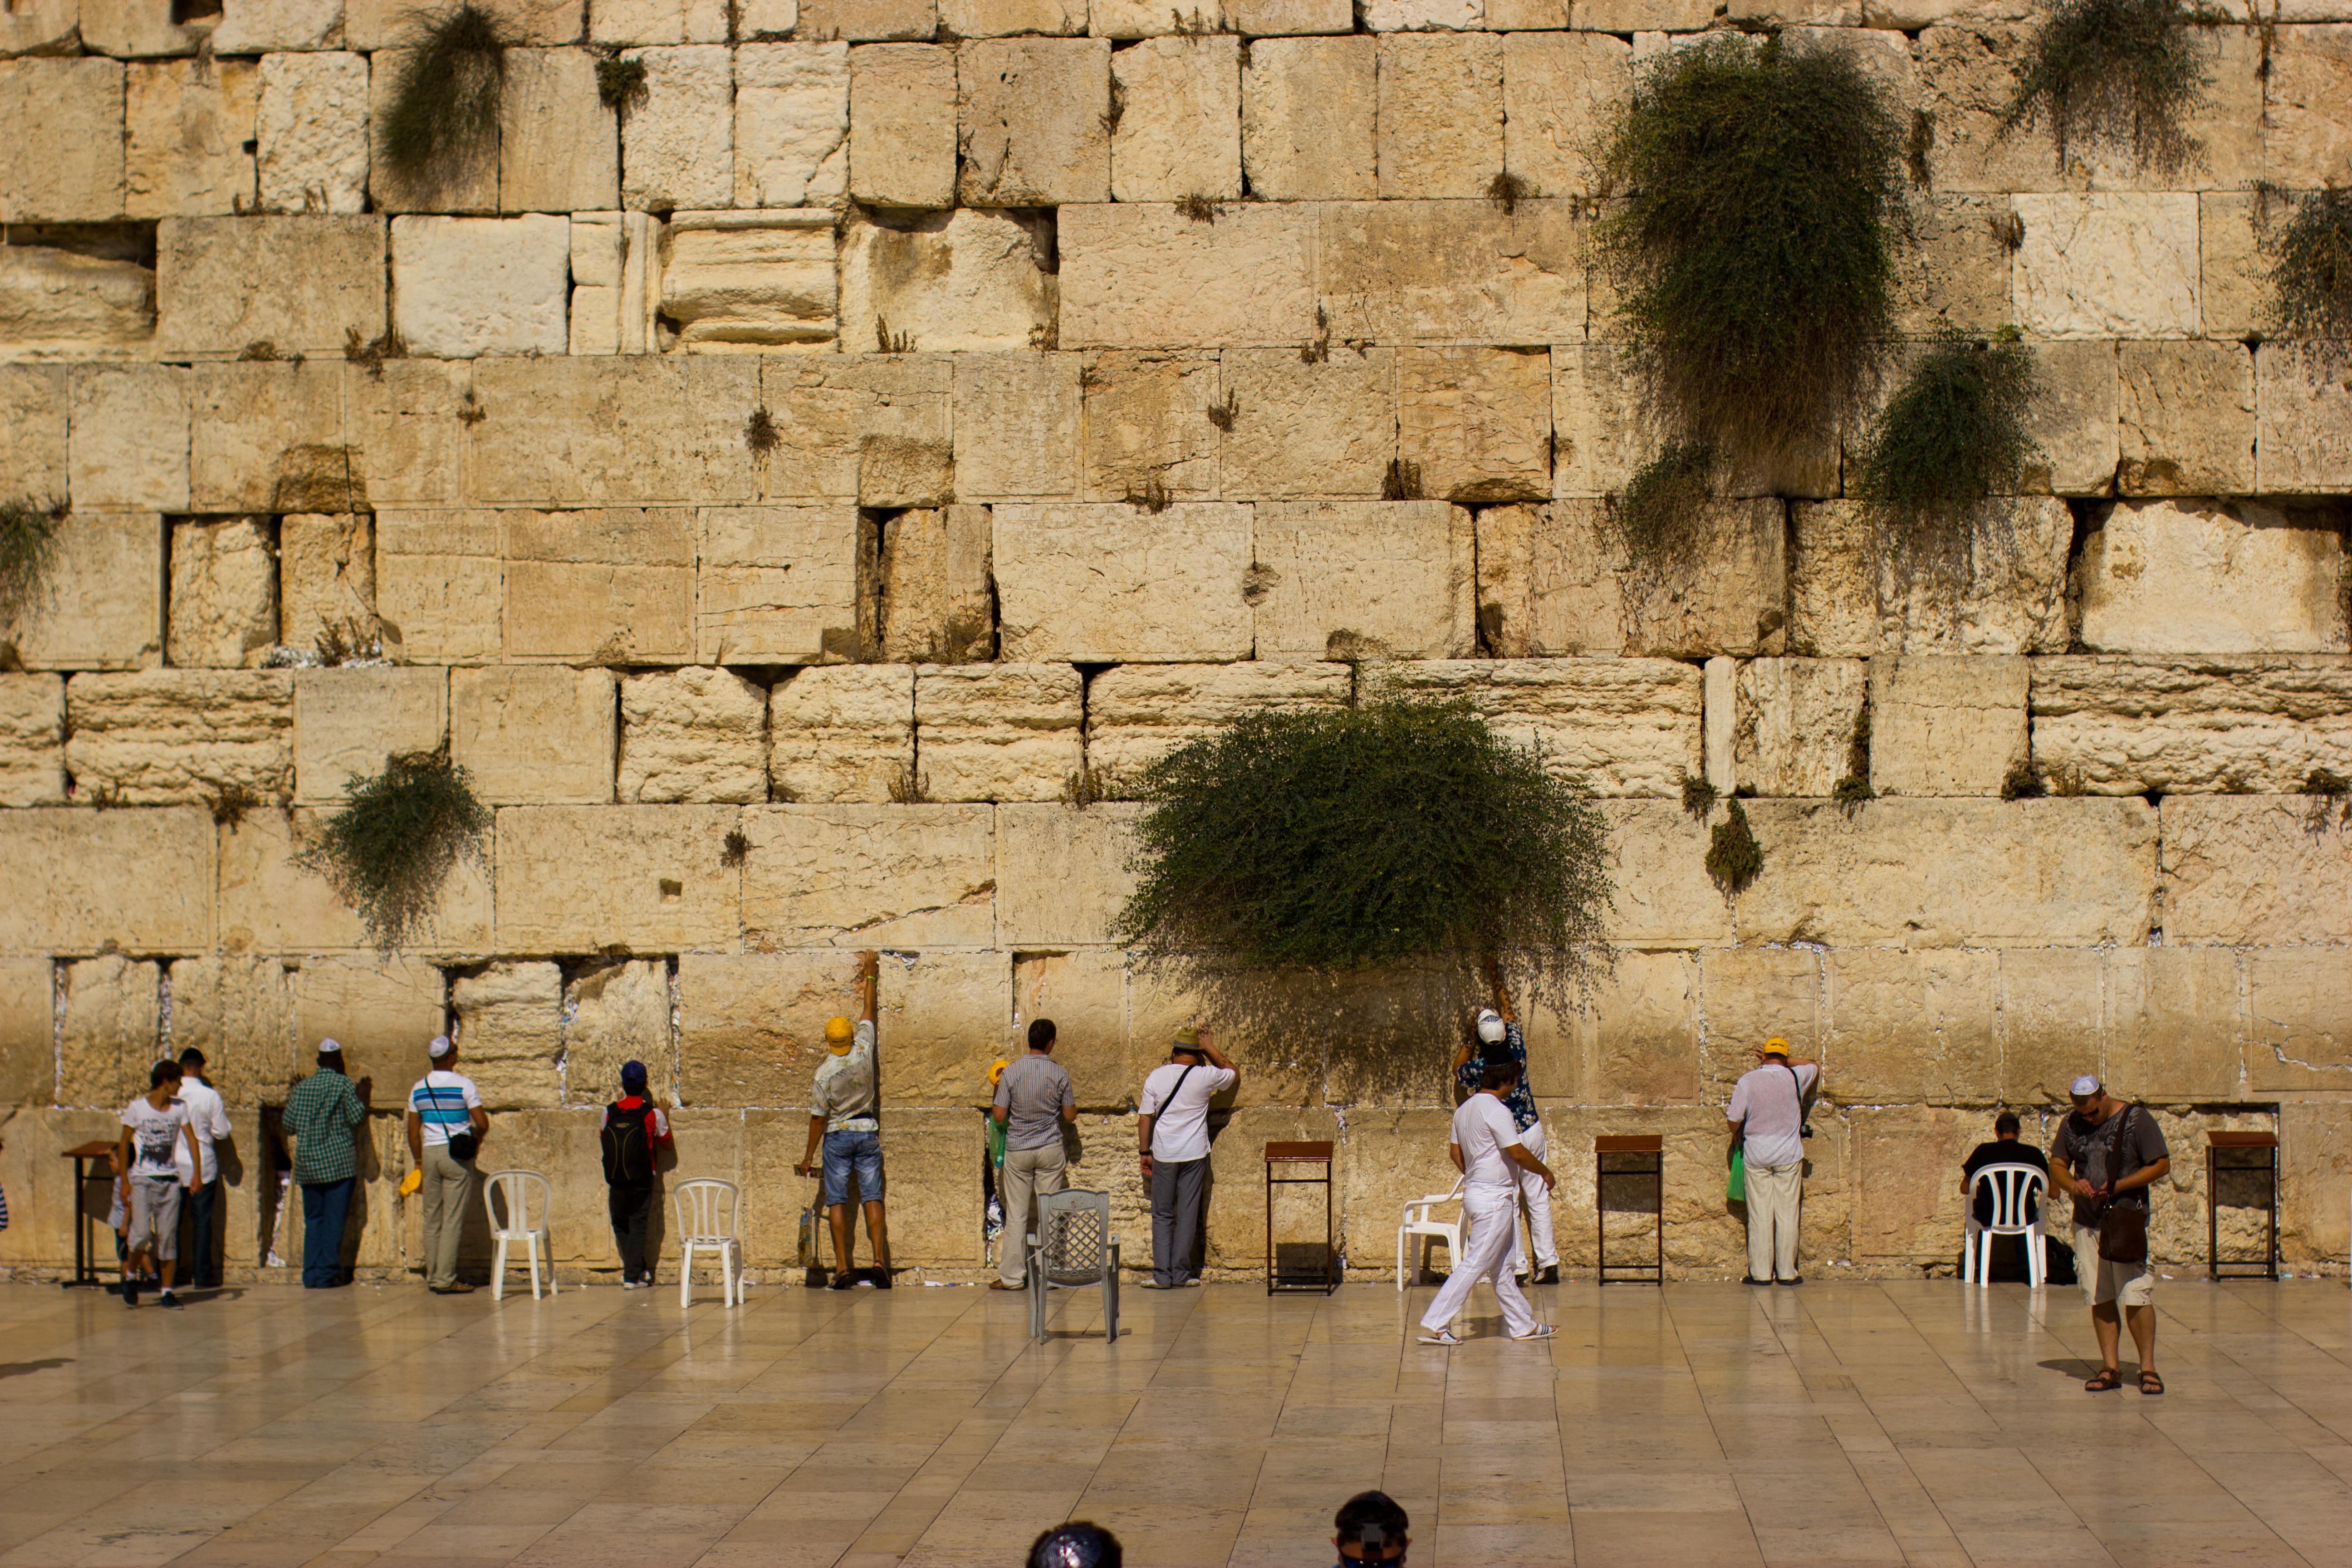 File:wailing Wall Jerusalem